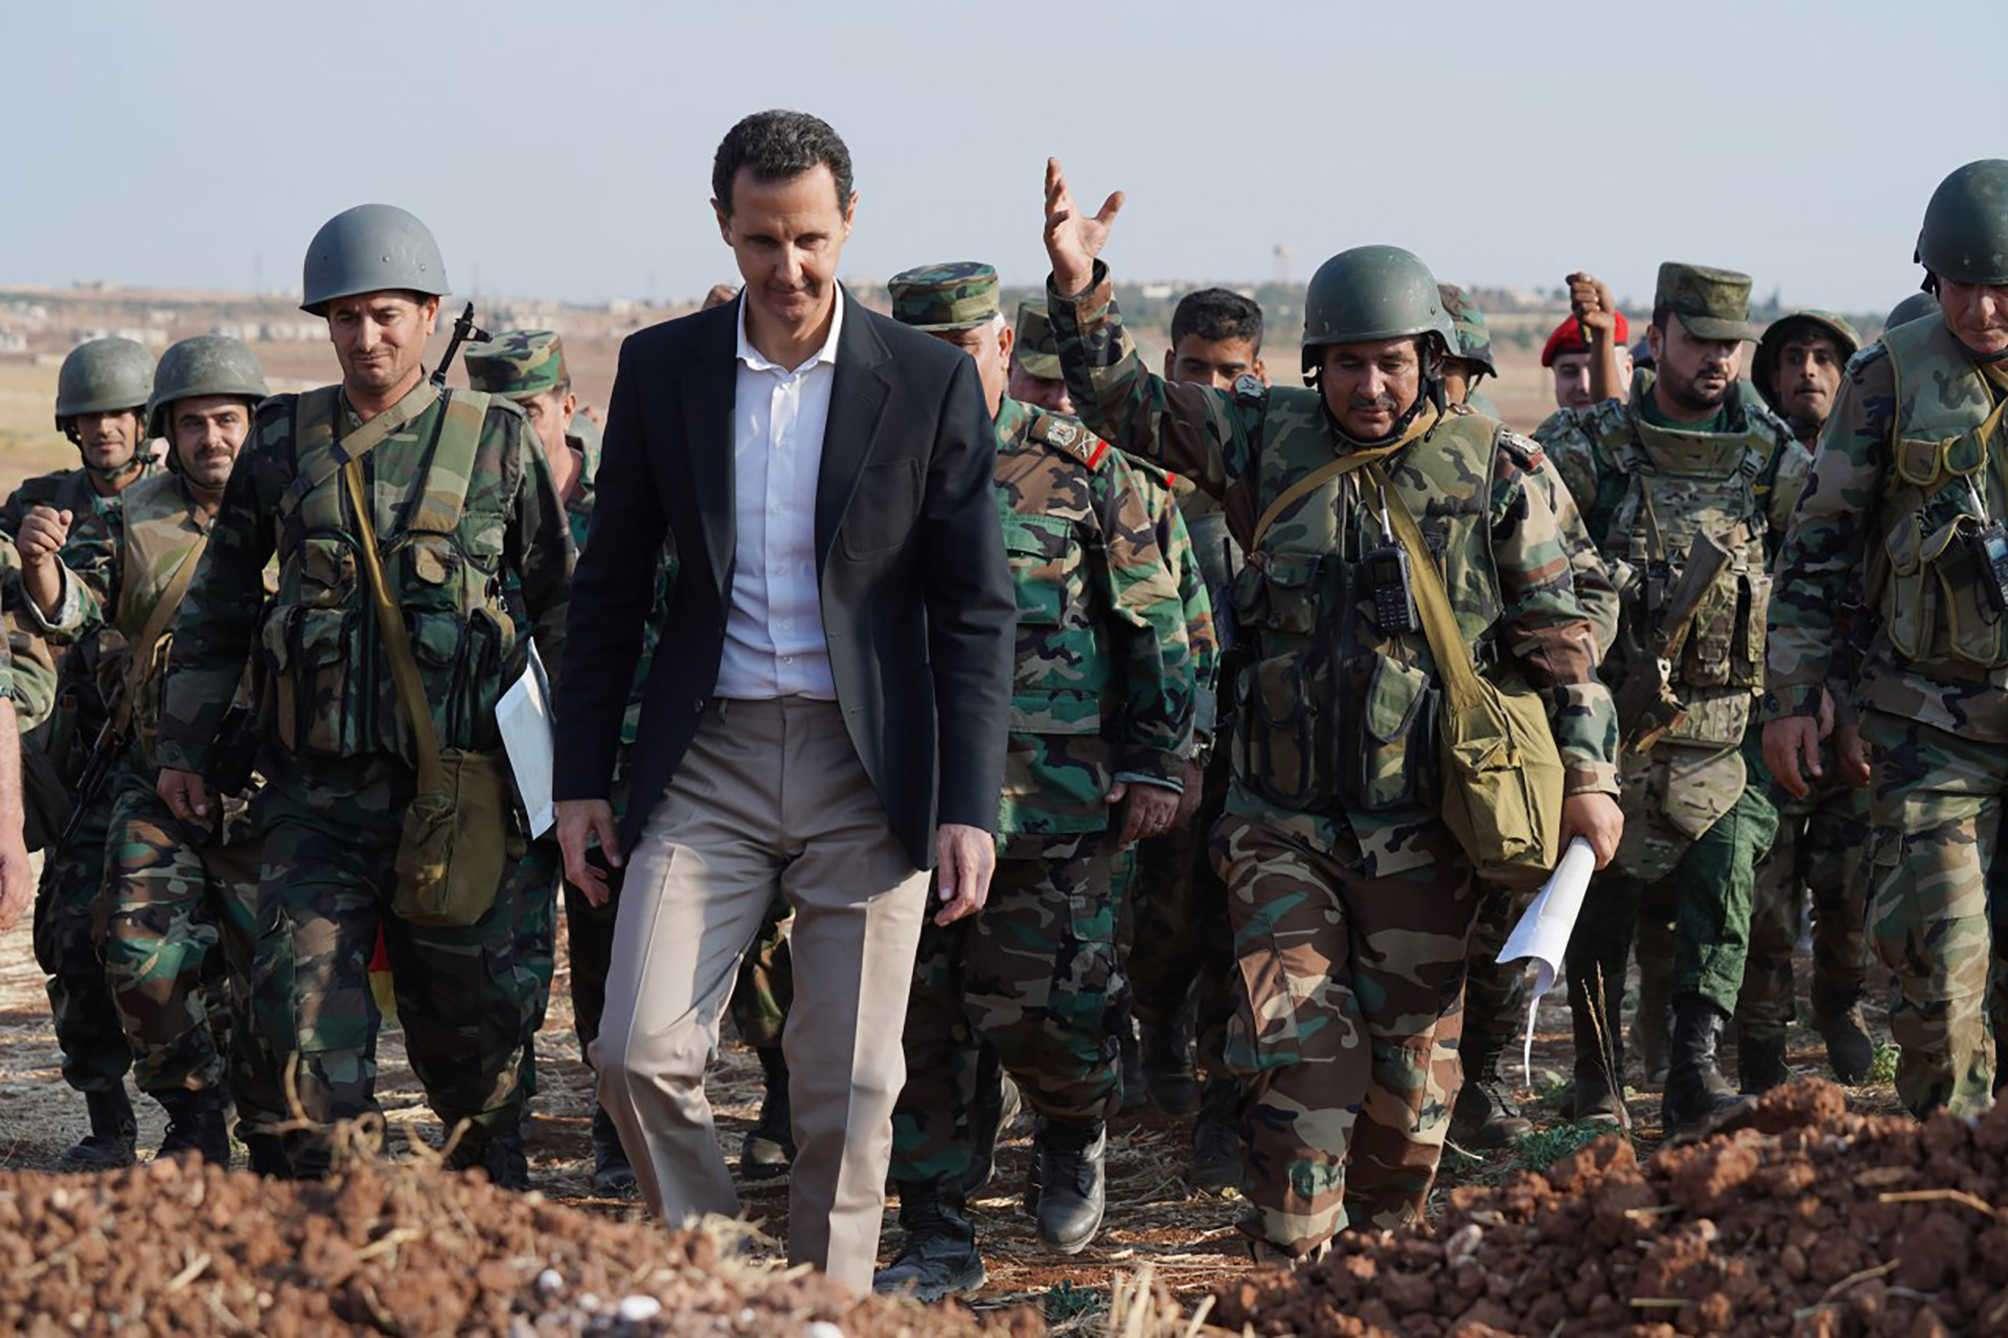 الأسد يصدر قرارا يخص الجيش, صحيفة عربية -بروفايل نيوز